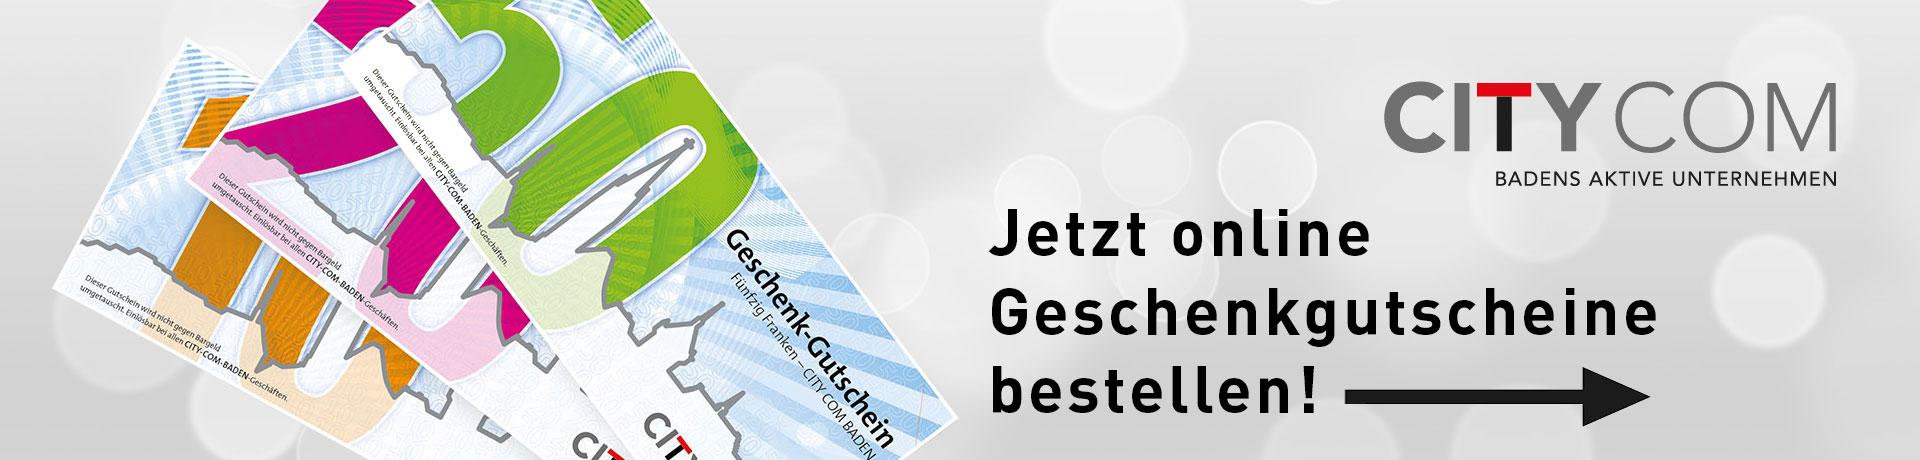 http://www.citycombaden.ch/kontakt/gutscheine-online-bestellen.html